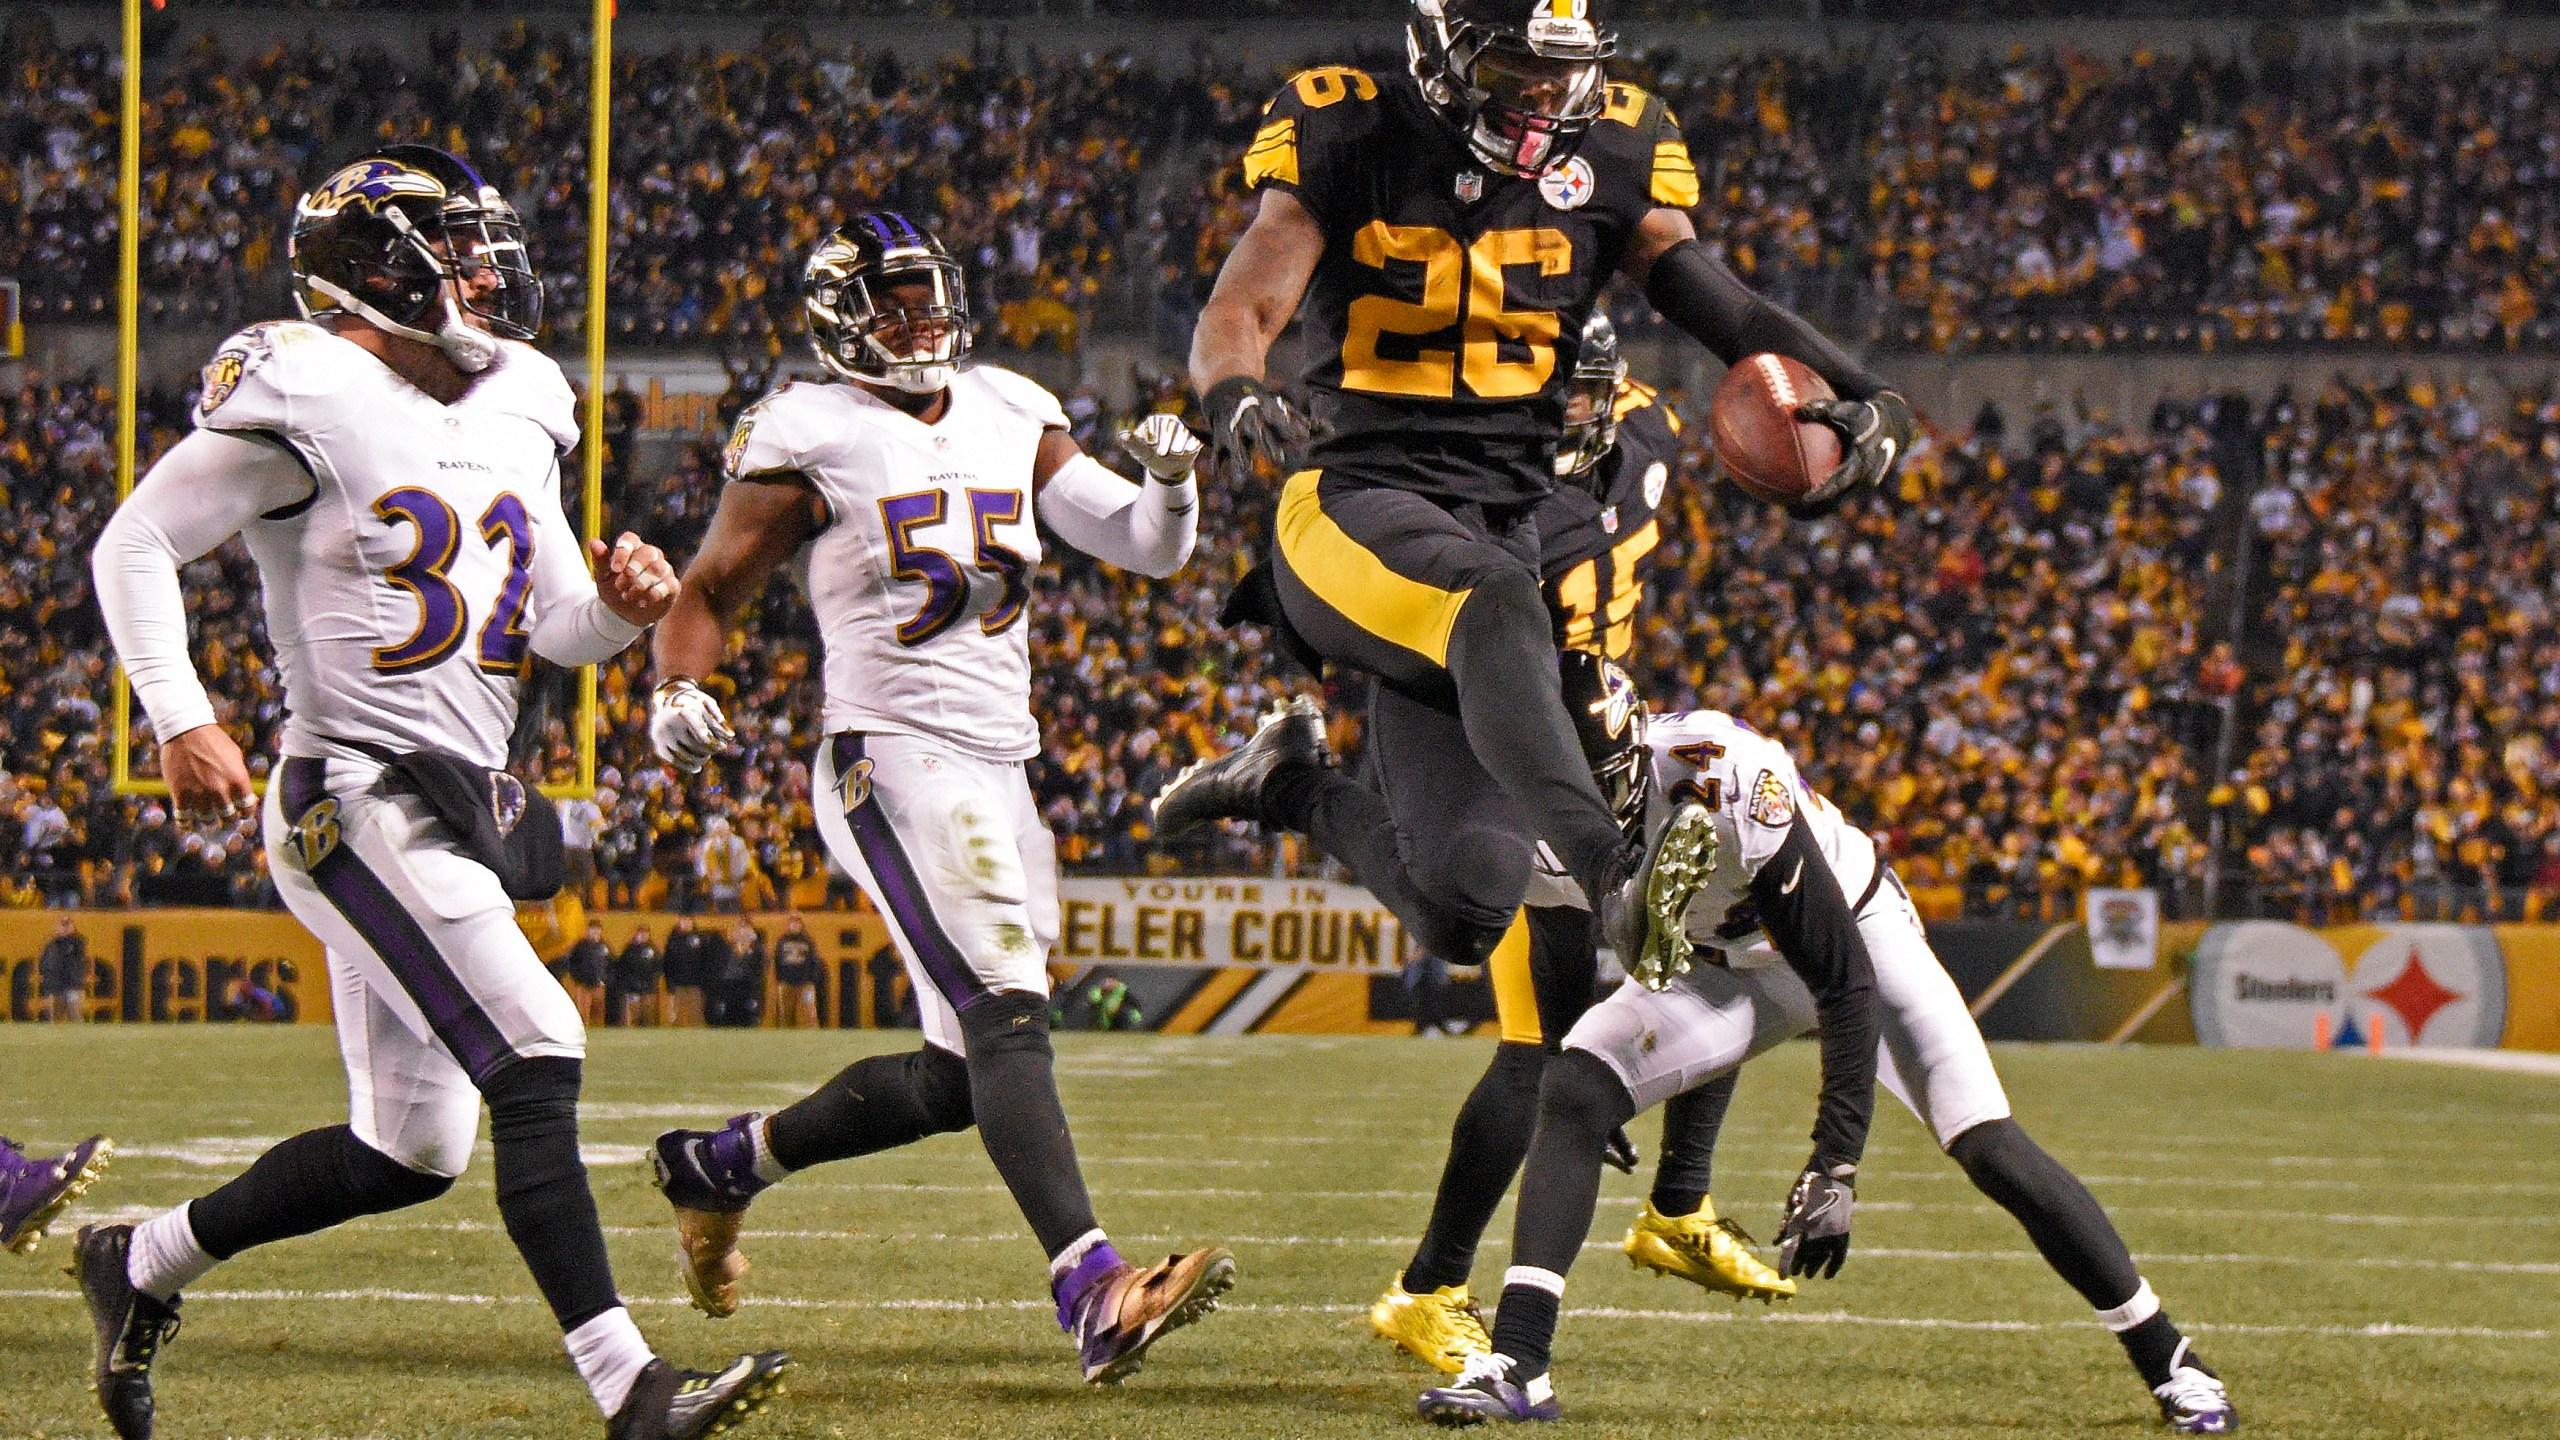 Steelers_Bell_Football_52118-159532.jpg48917229